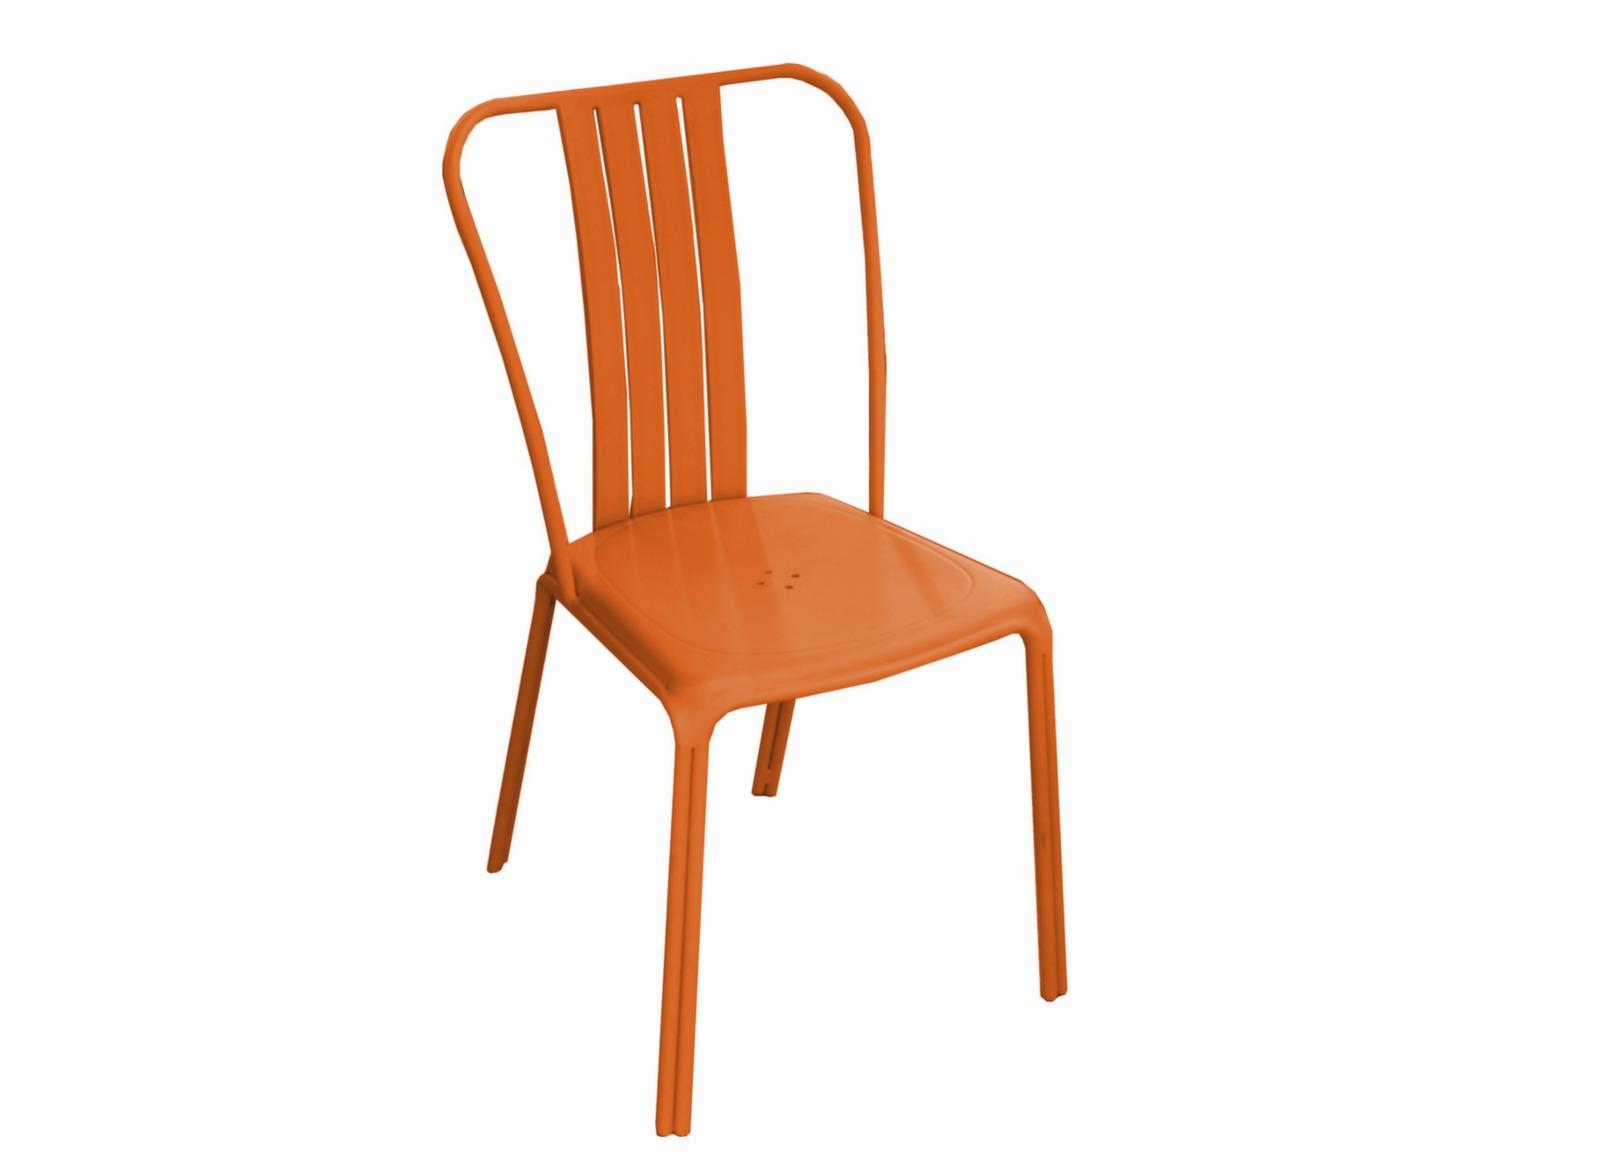 Chaise azuro orange chaises et fauteuils de jardin salon de jardin repas proloisirs - Chaise salon de jardin orange ...